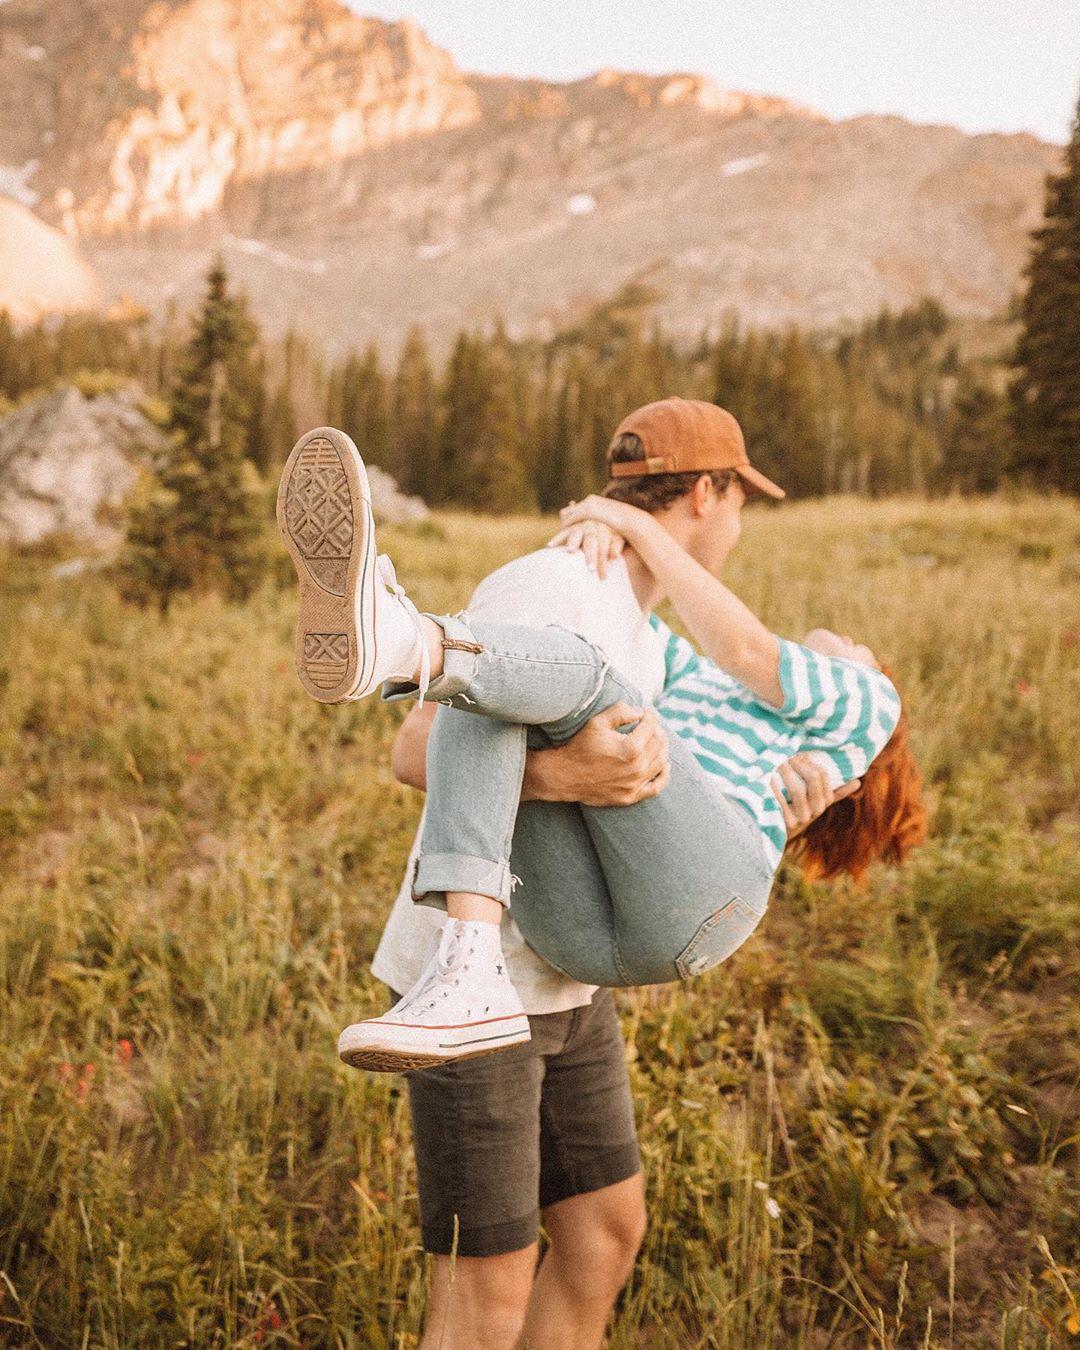 hiểu rõ tính cách của nhau khi đi du lịch cùng người yêu